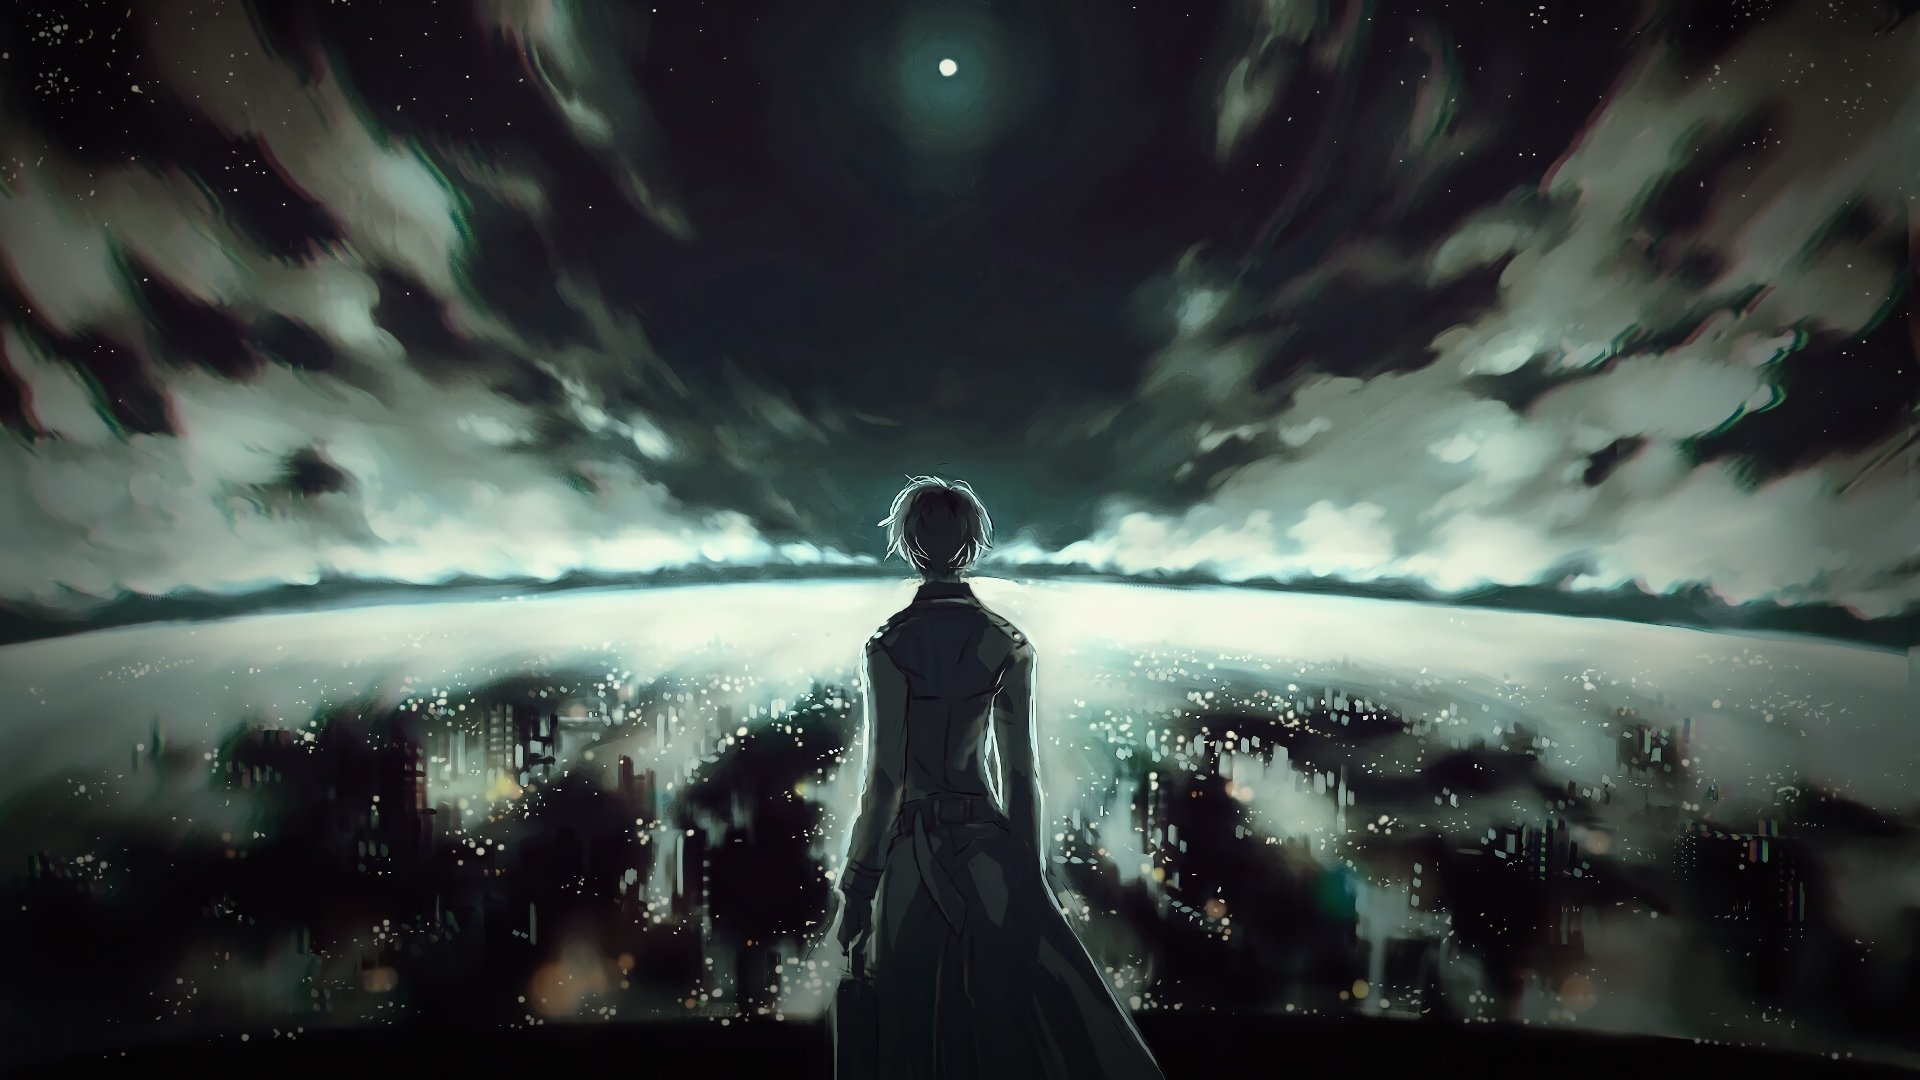 Tokyo Ghoul Hình nền ngắm nhìn thế giới